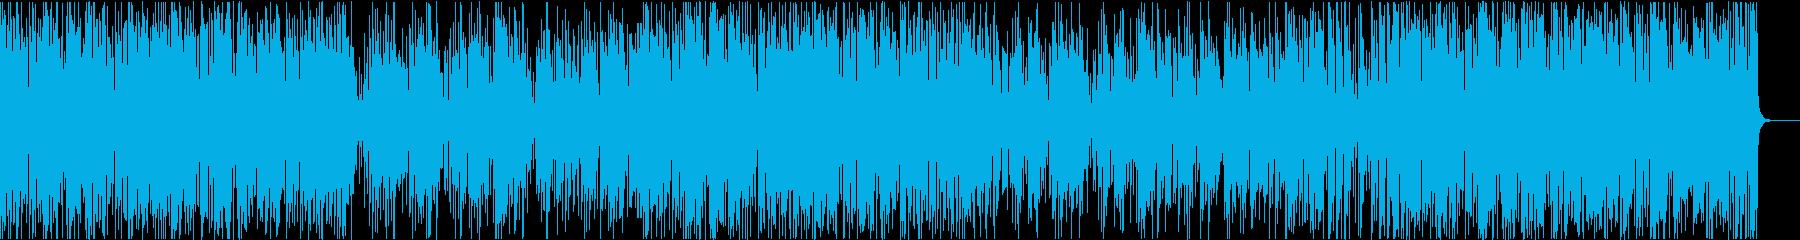 イケイケ/はやいジャズの再生済みの波形